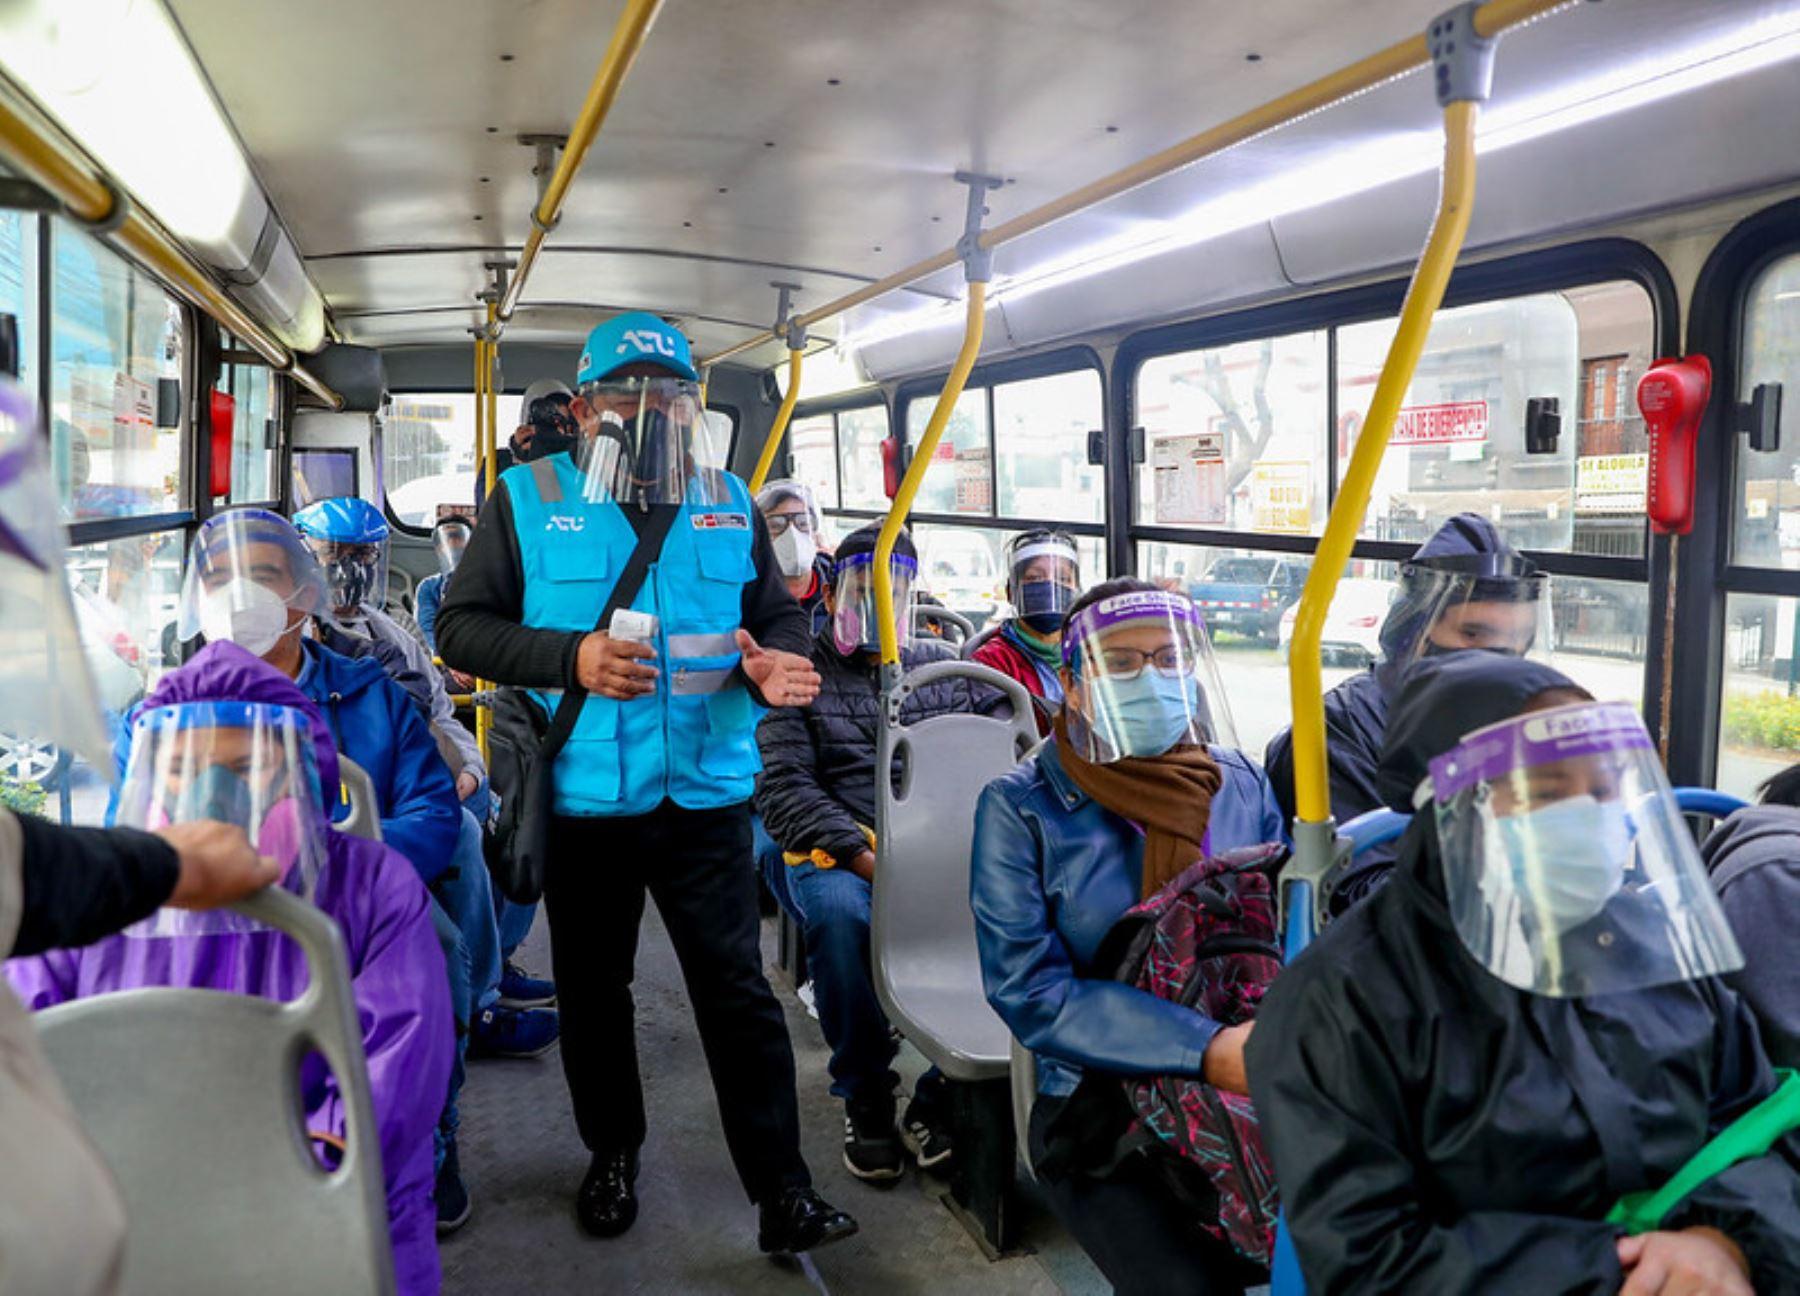 Un equipo de orientadores difundió recomendaciones sanitarias a pasajeros, conductores y ciclistas. Foto: Cortesía